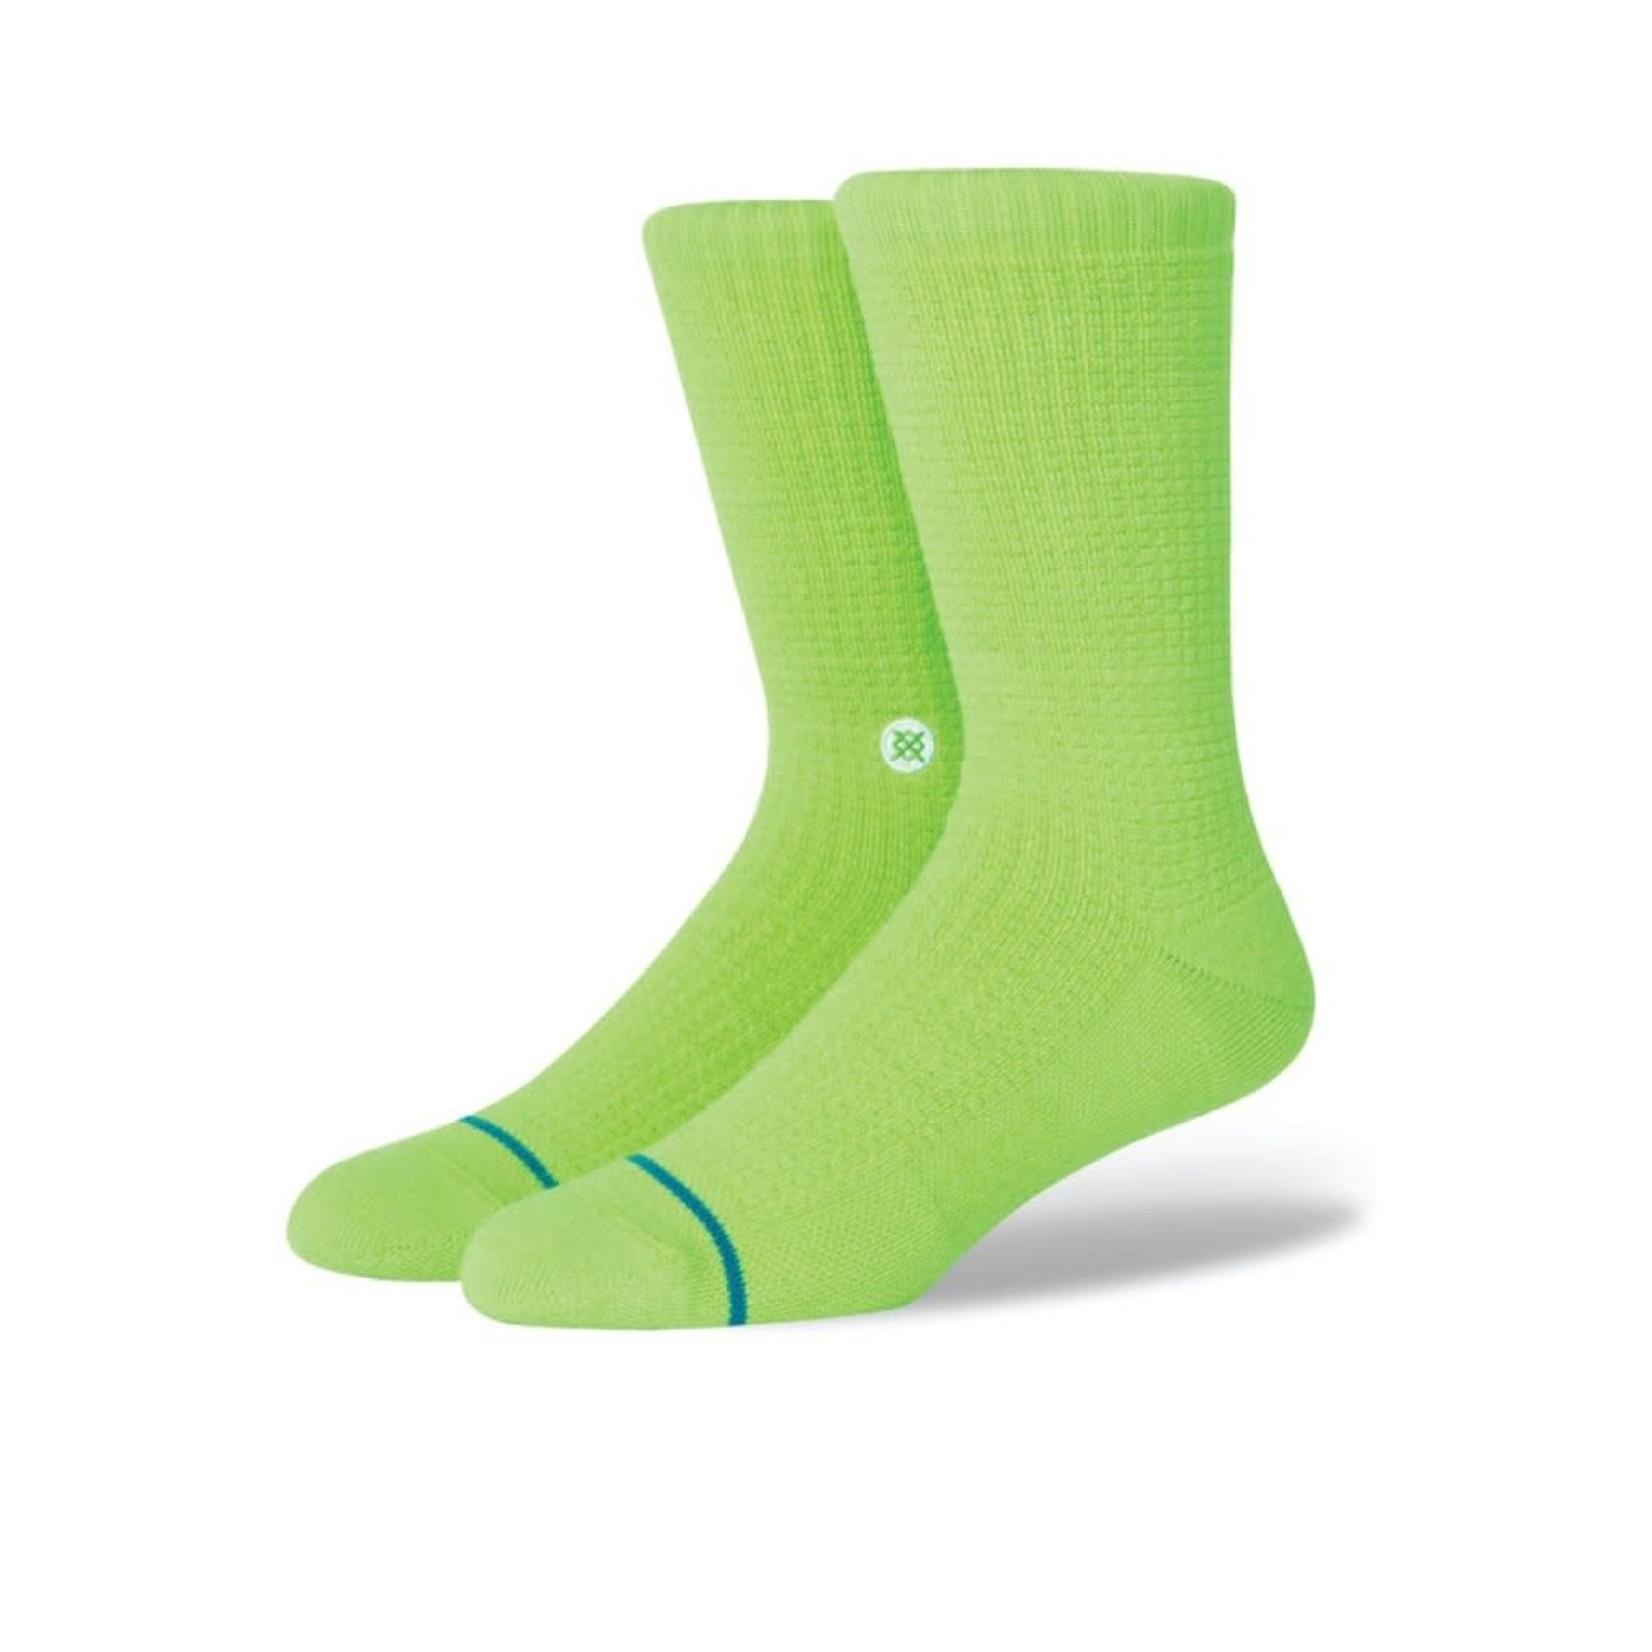 Stance Stance Socks, Hyper Crew